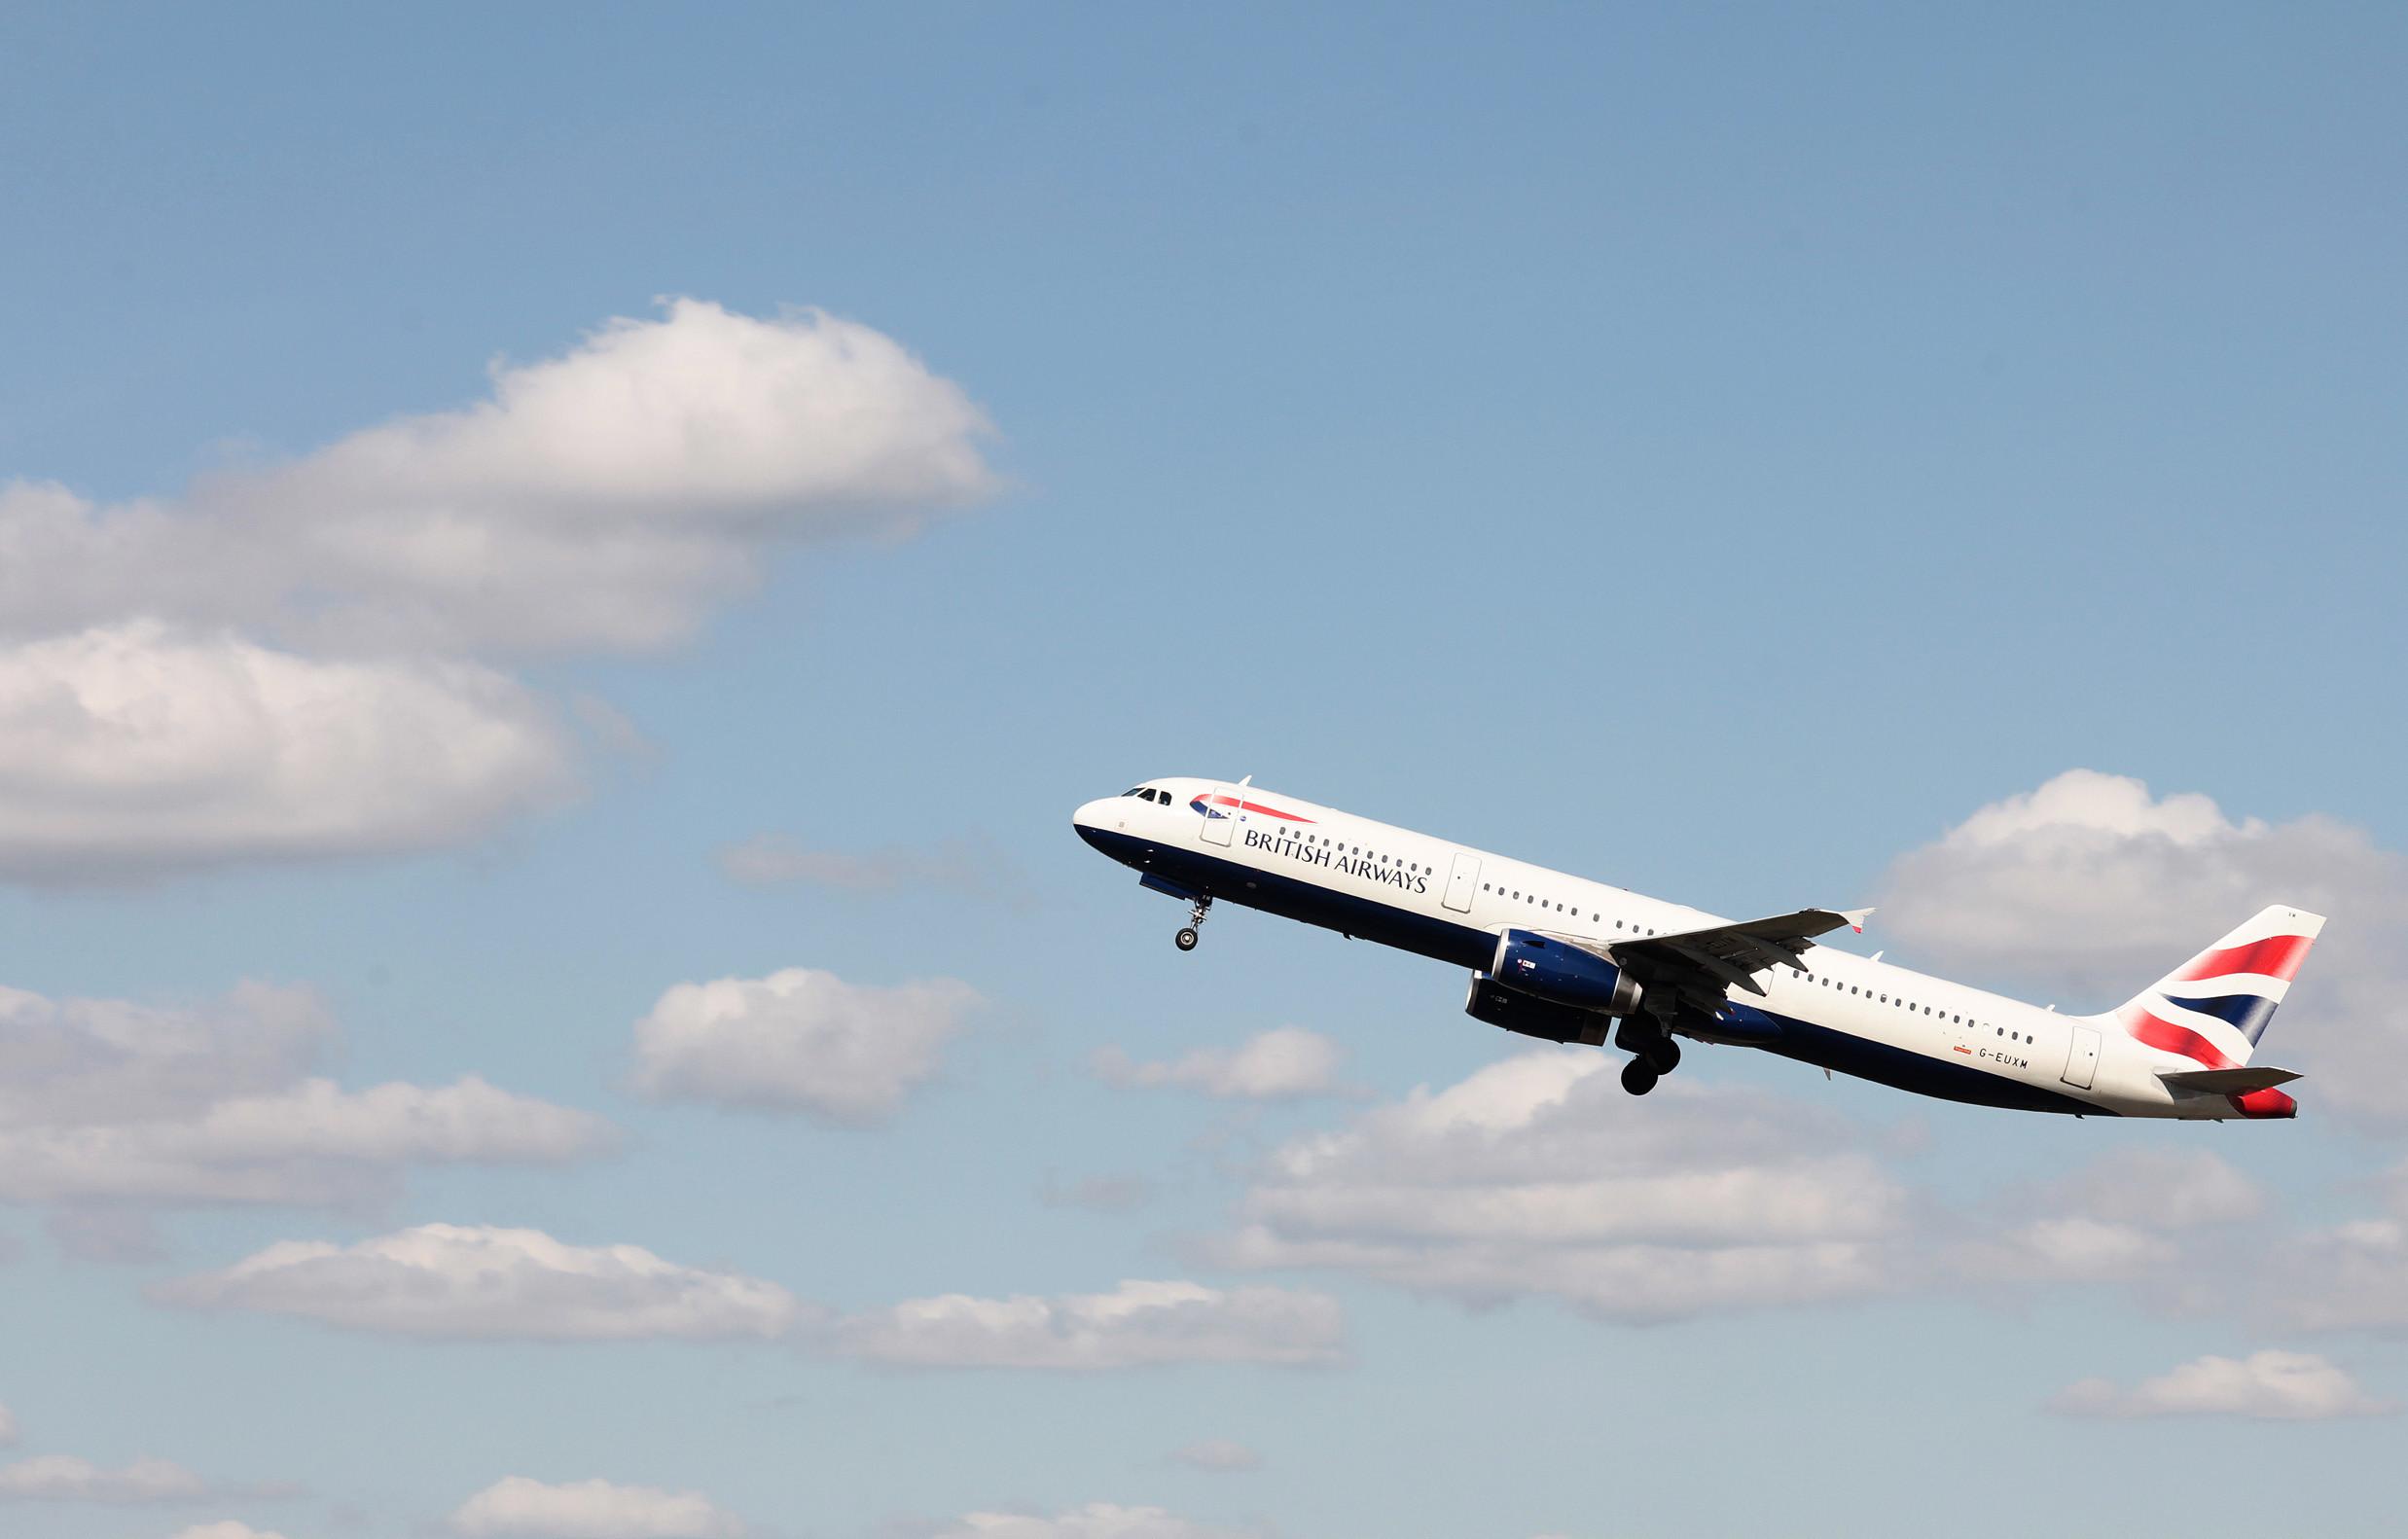 British Airways A321 departs